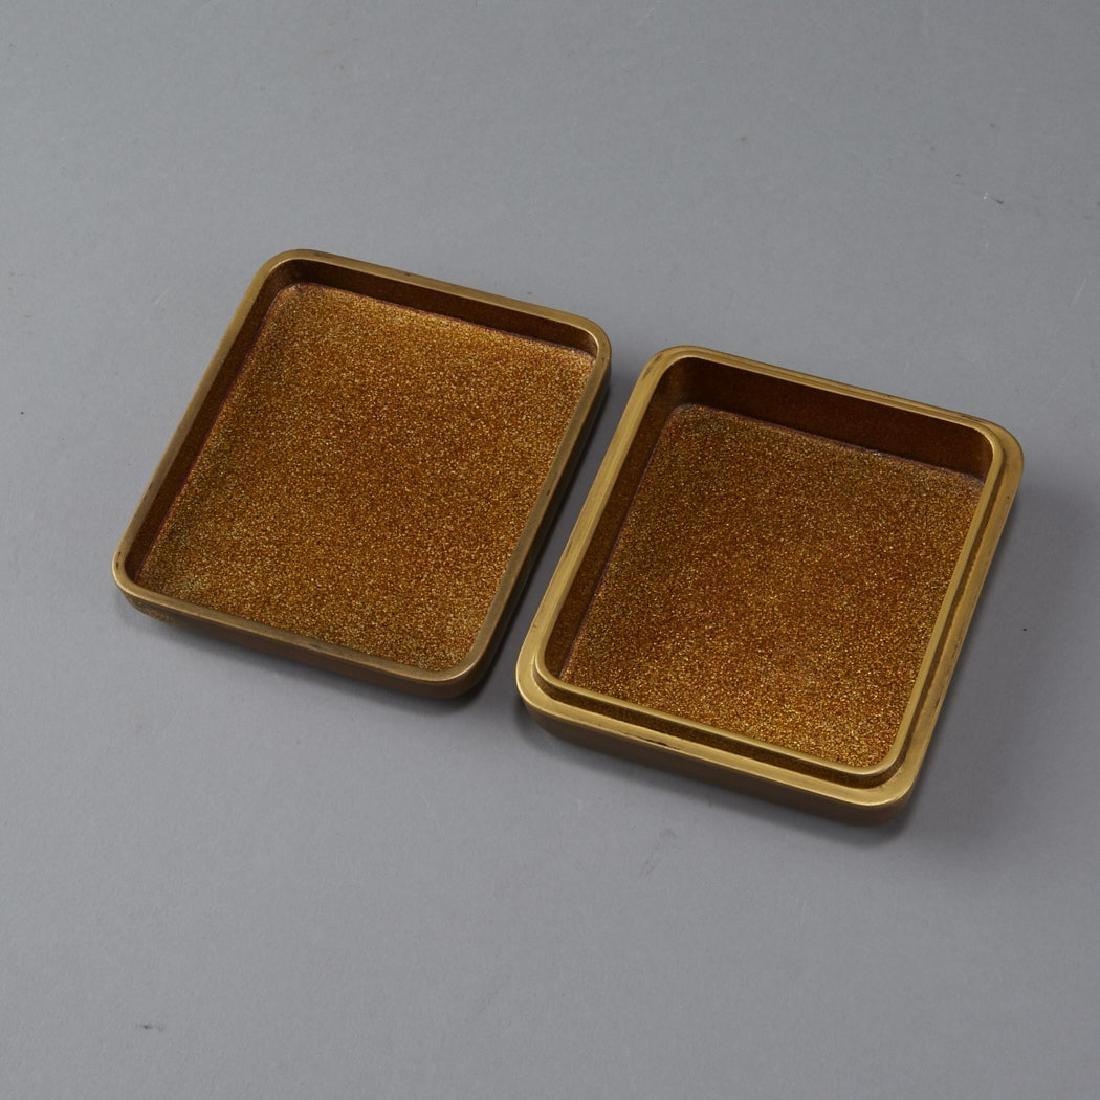 Japanese Meiji or Edo Lacquer box - 2